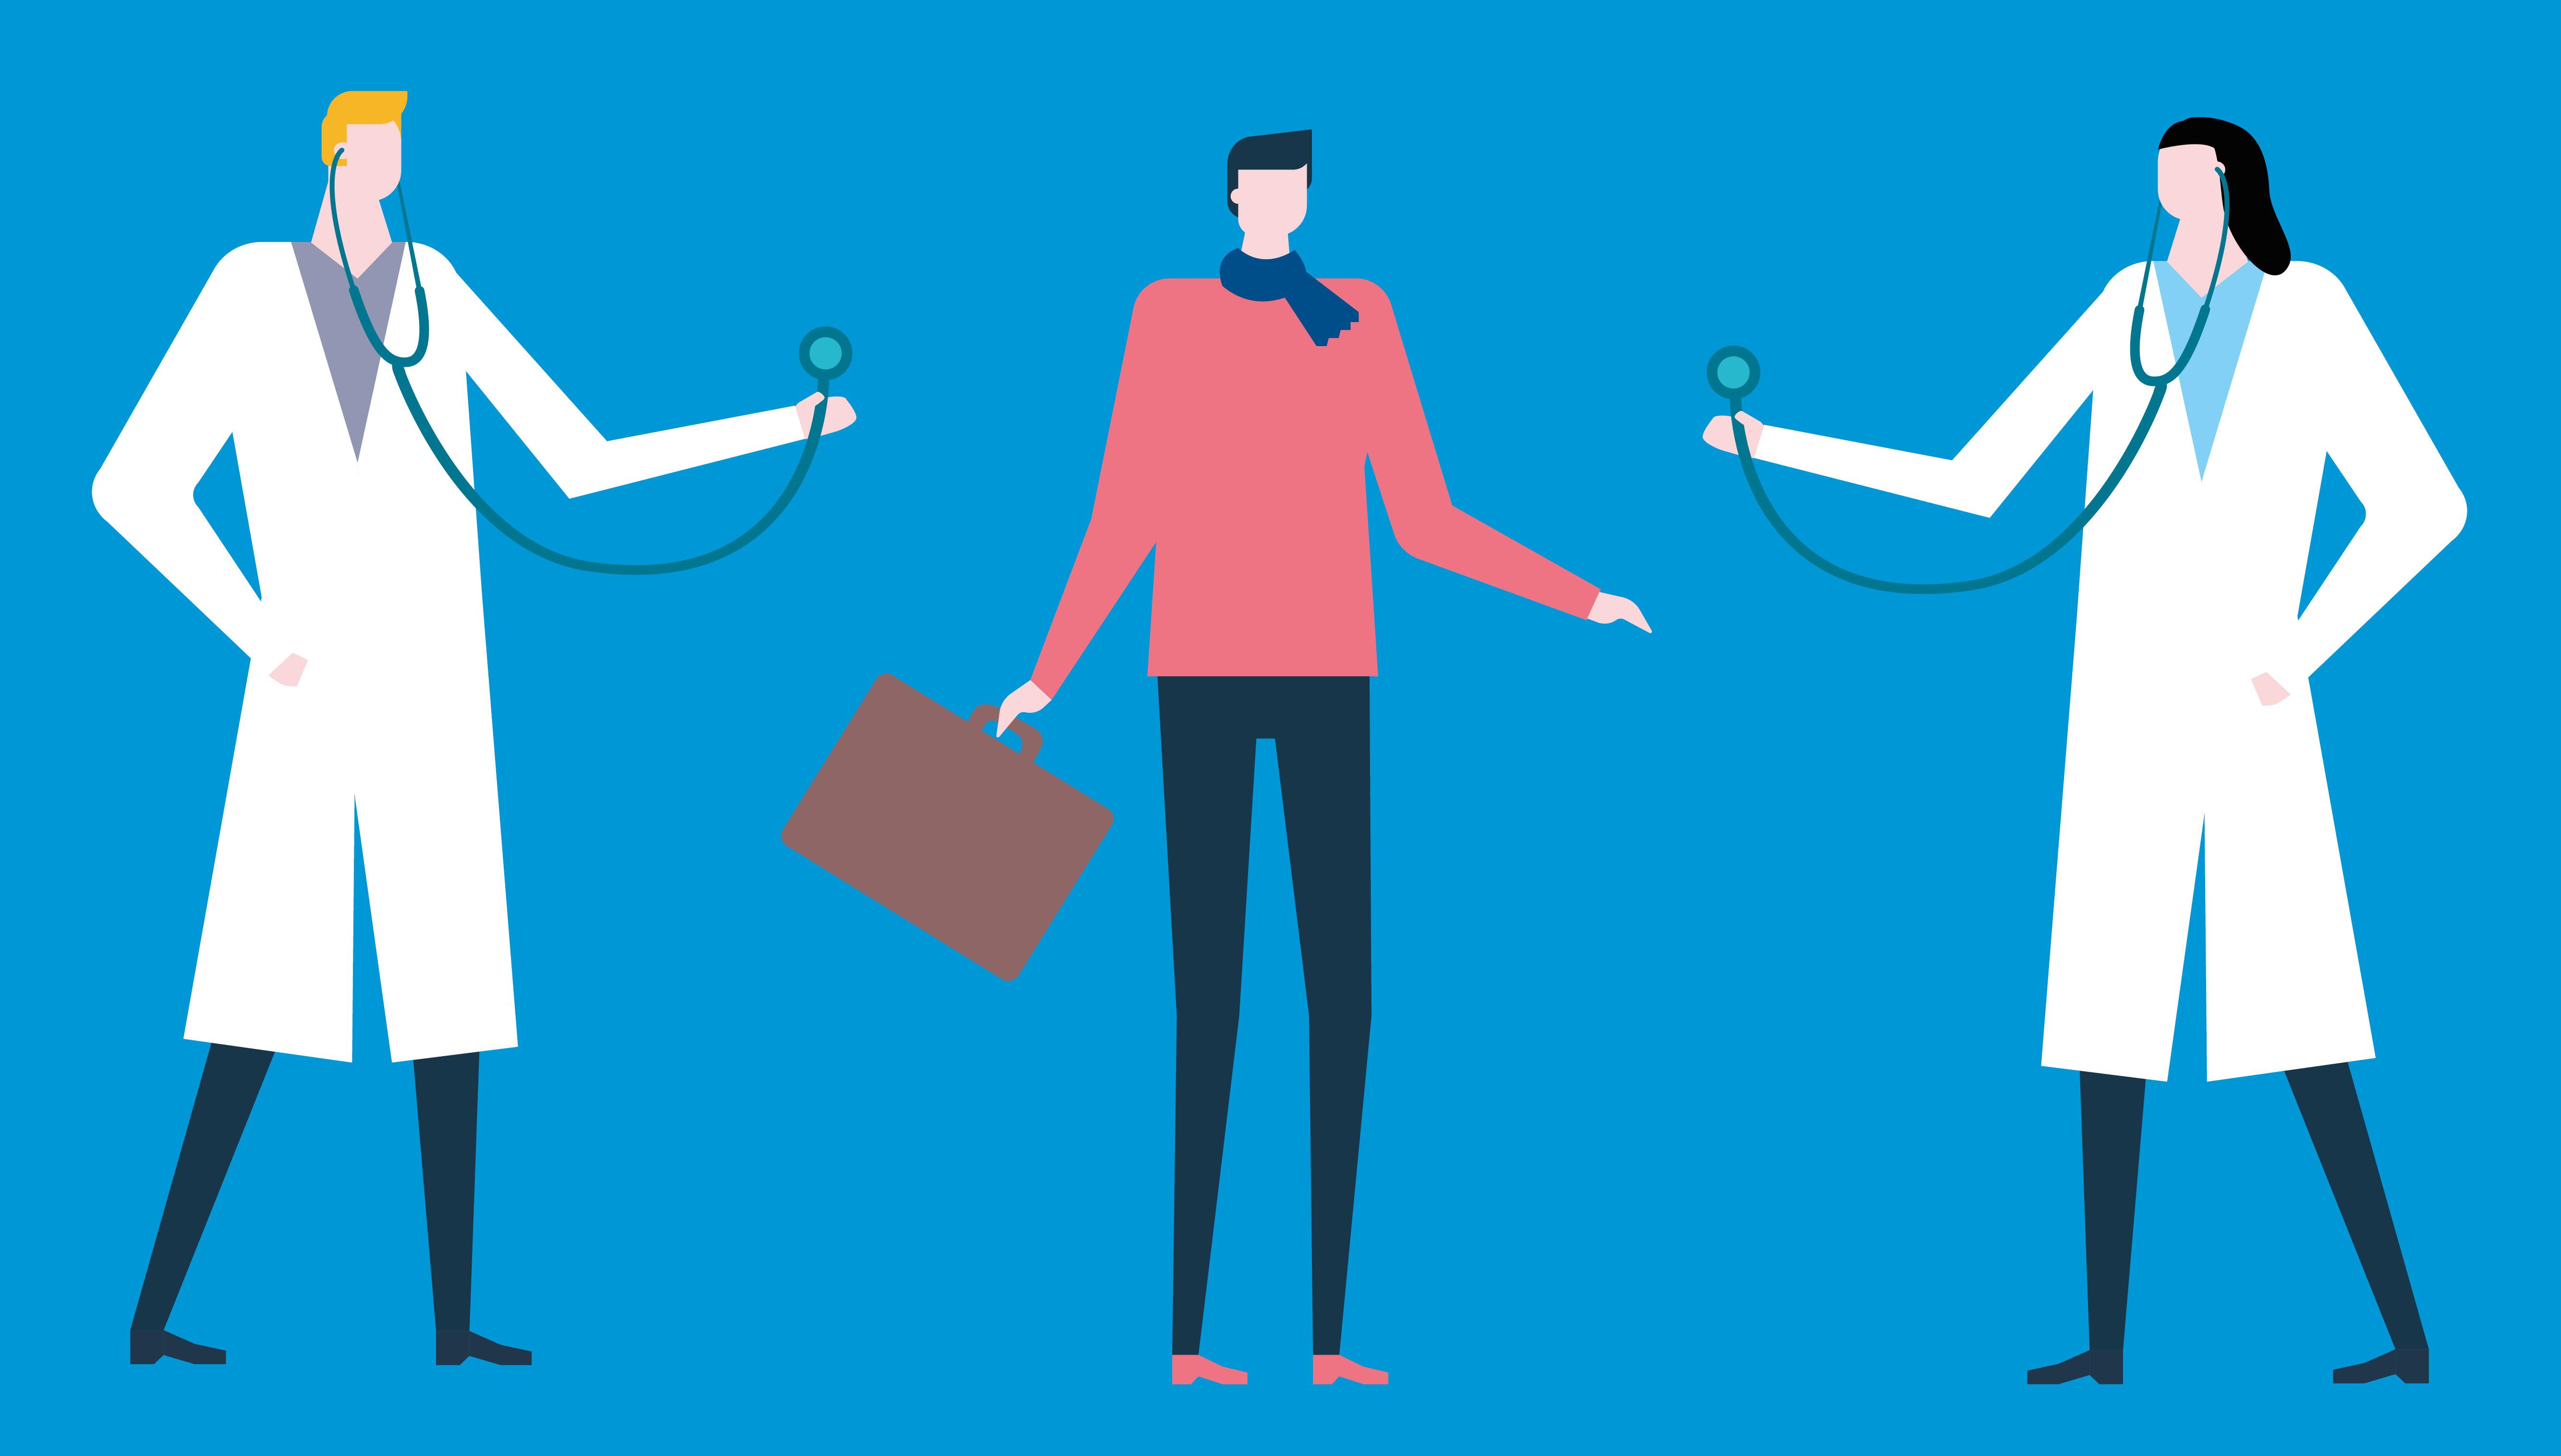 Terveydenhuollon asiakkaat pystyvät tallentamaan Kanta-palveluihin aktiivisuustietojaan suoraan aktiivisuusrannekkeelta. Uusia sovelluksia älykelloihin ja muihin laitteisiin odotetaan sovelluskehittäjiltä pian lisää.